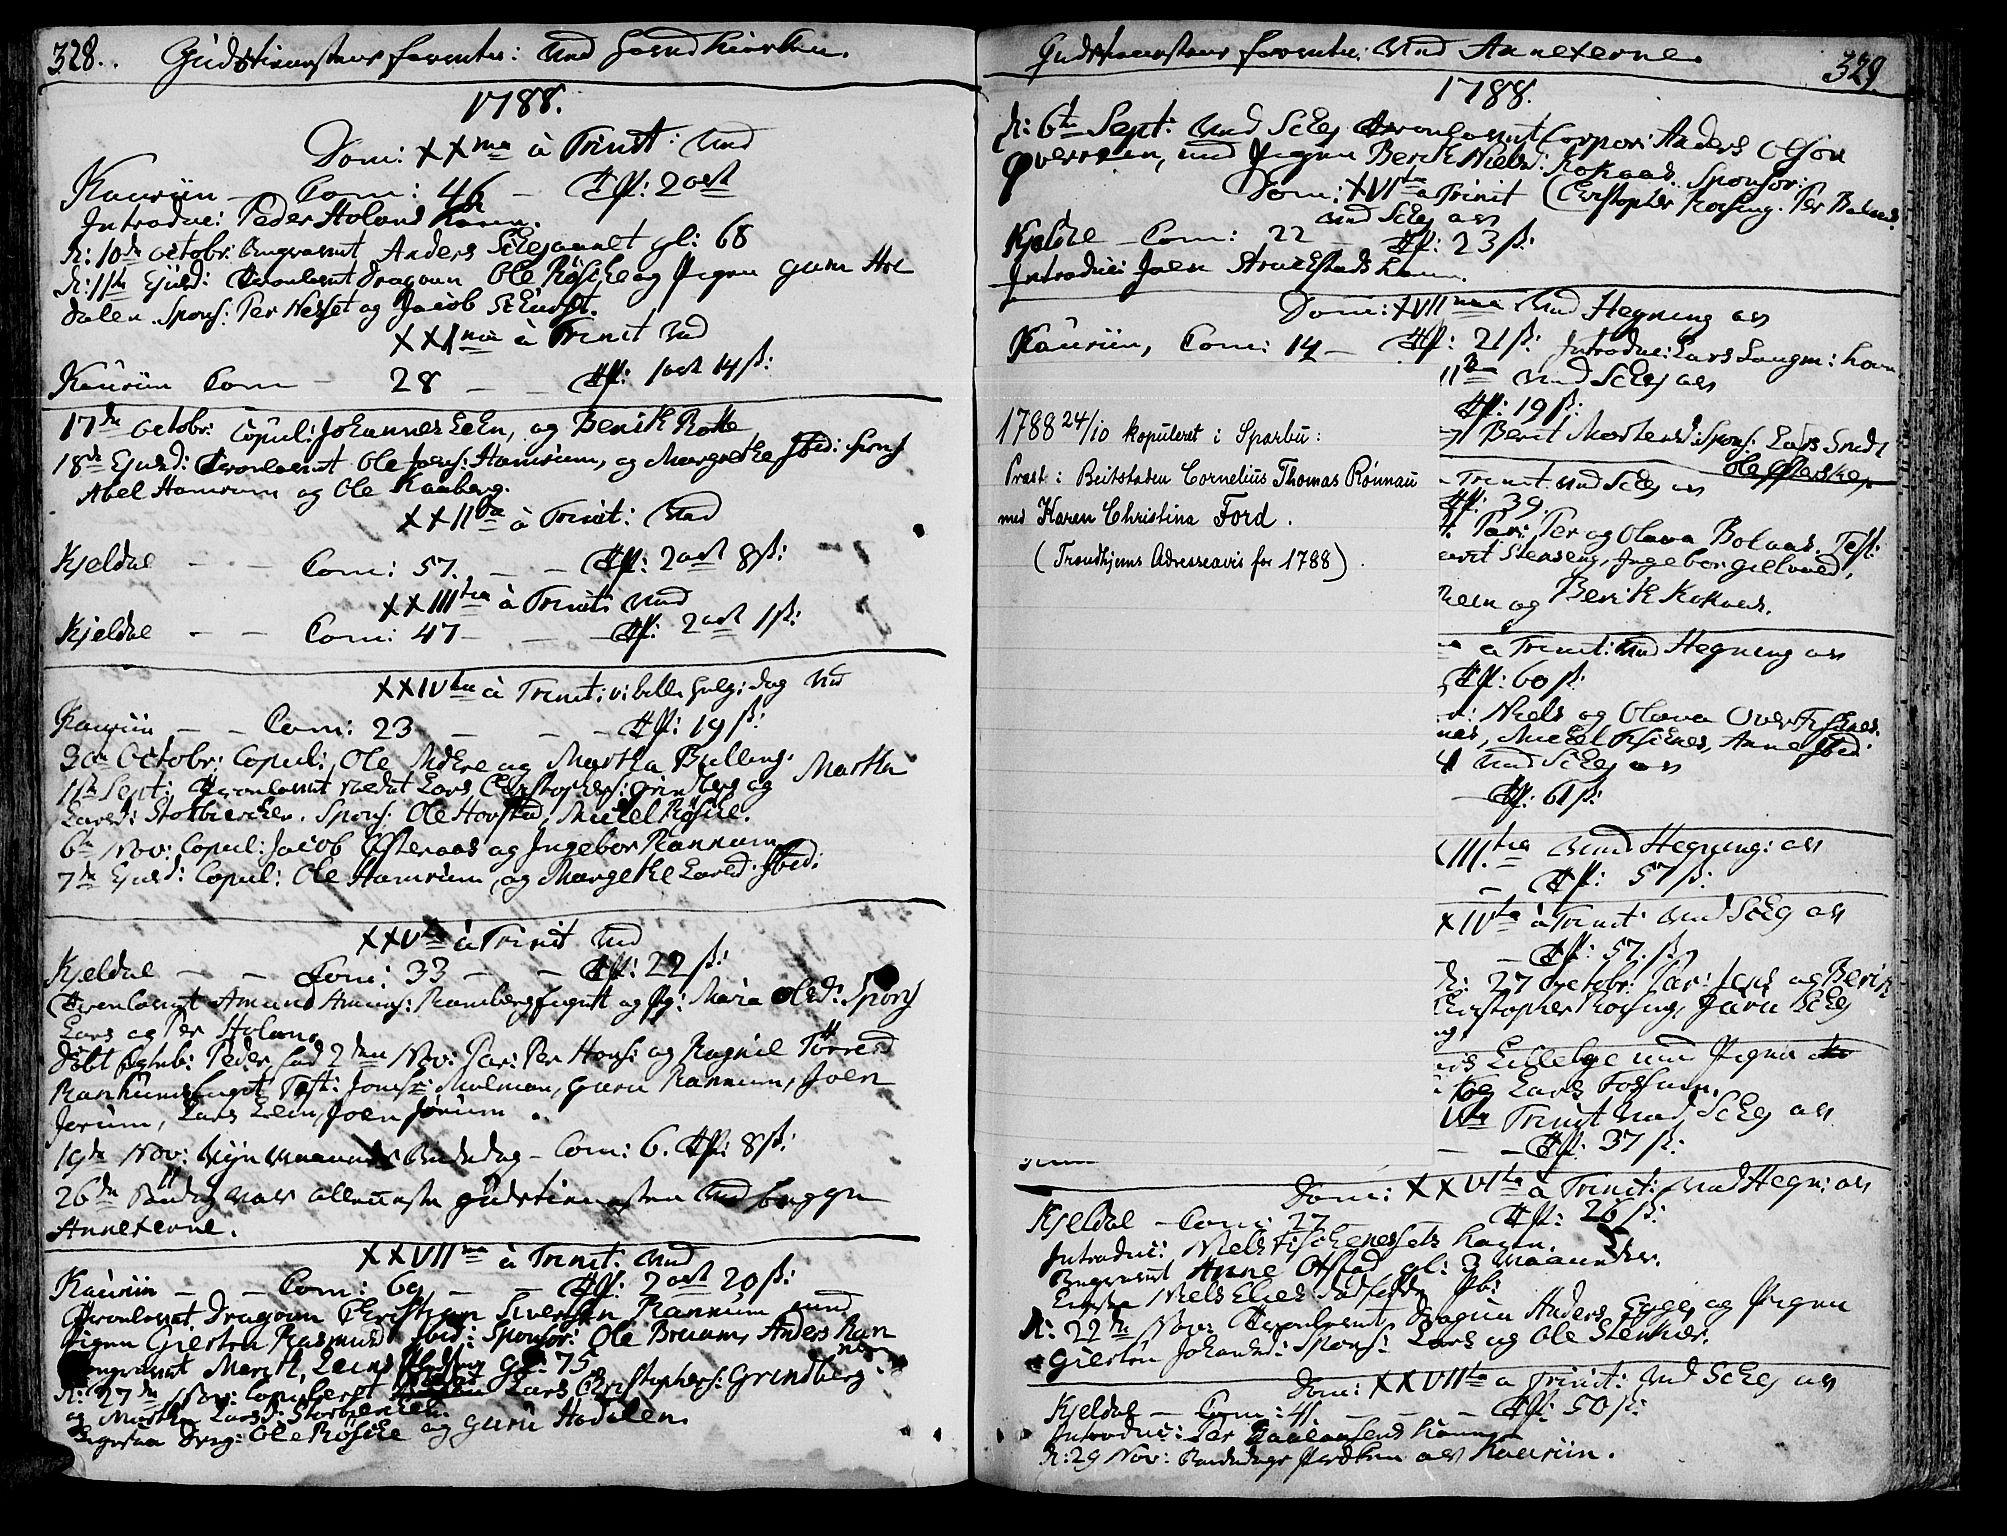 SAT, Ministerialprotokoller, klokkerbøker og fødselsregistre - Nord-Trøndelag, 735/L0331: Parish register (official) no. 735A02, 1762-1794, p. 328-329